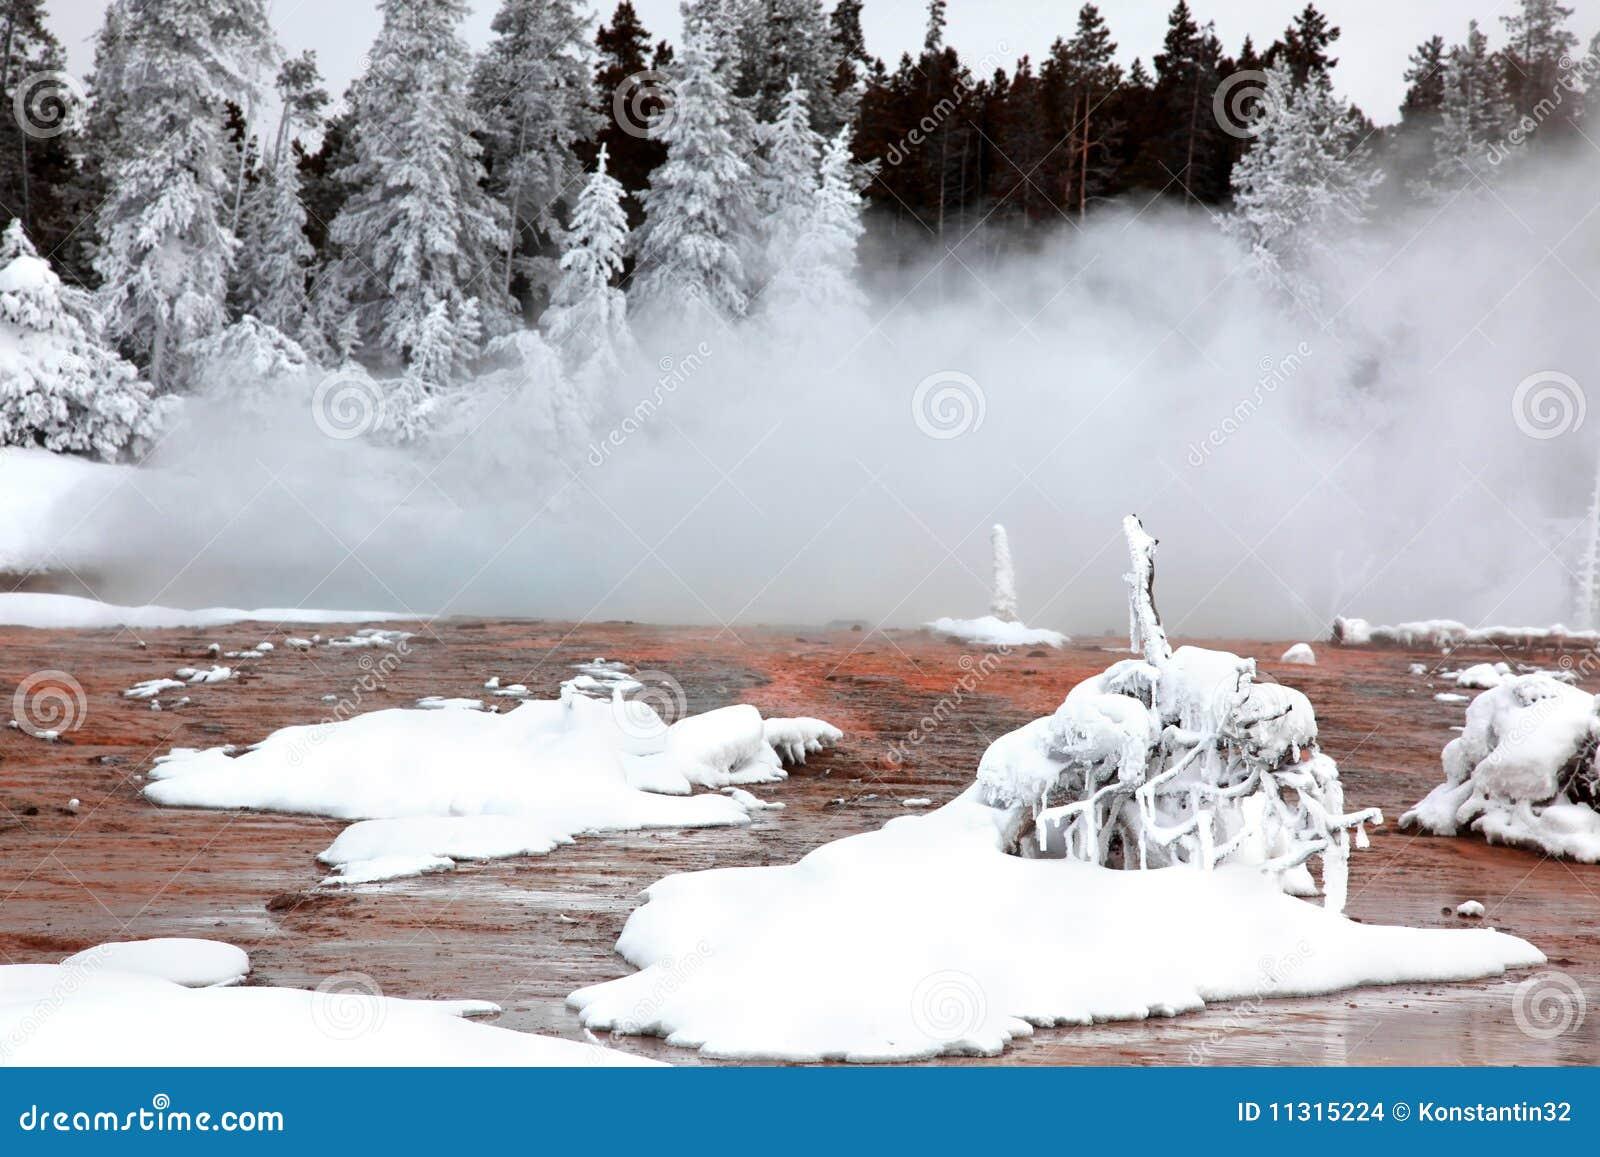 Winterjahreszeit in Nationalpark